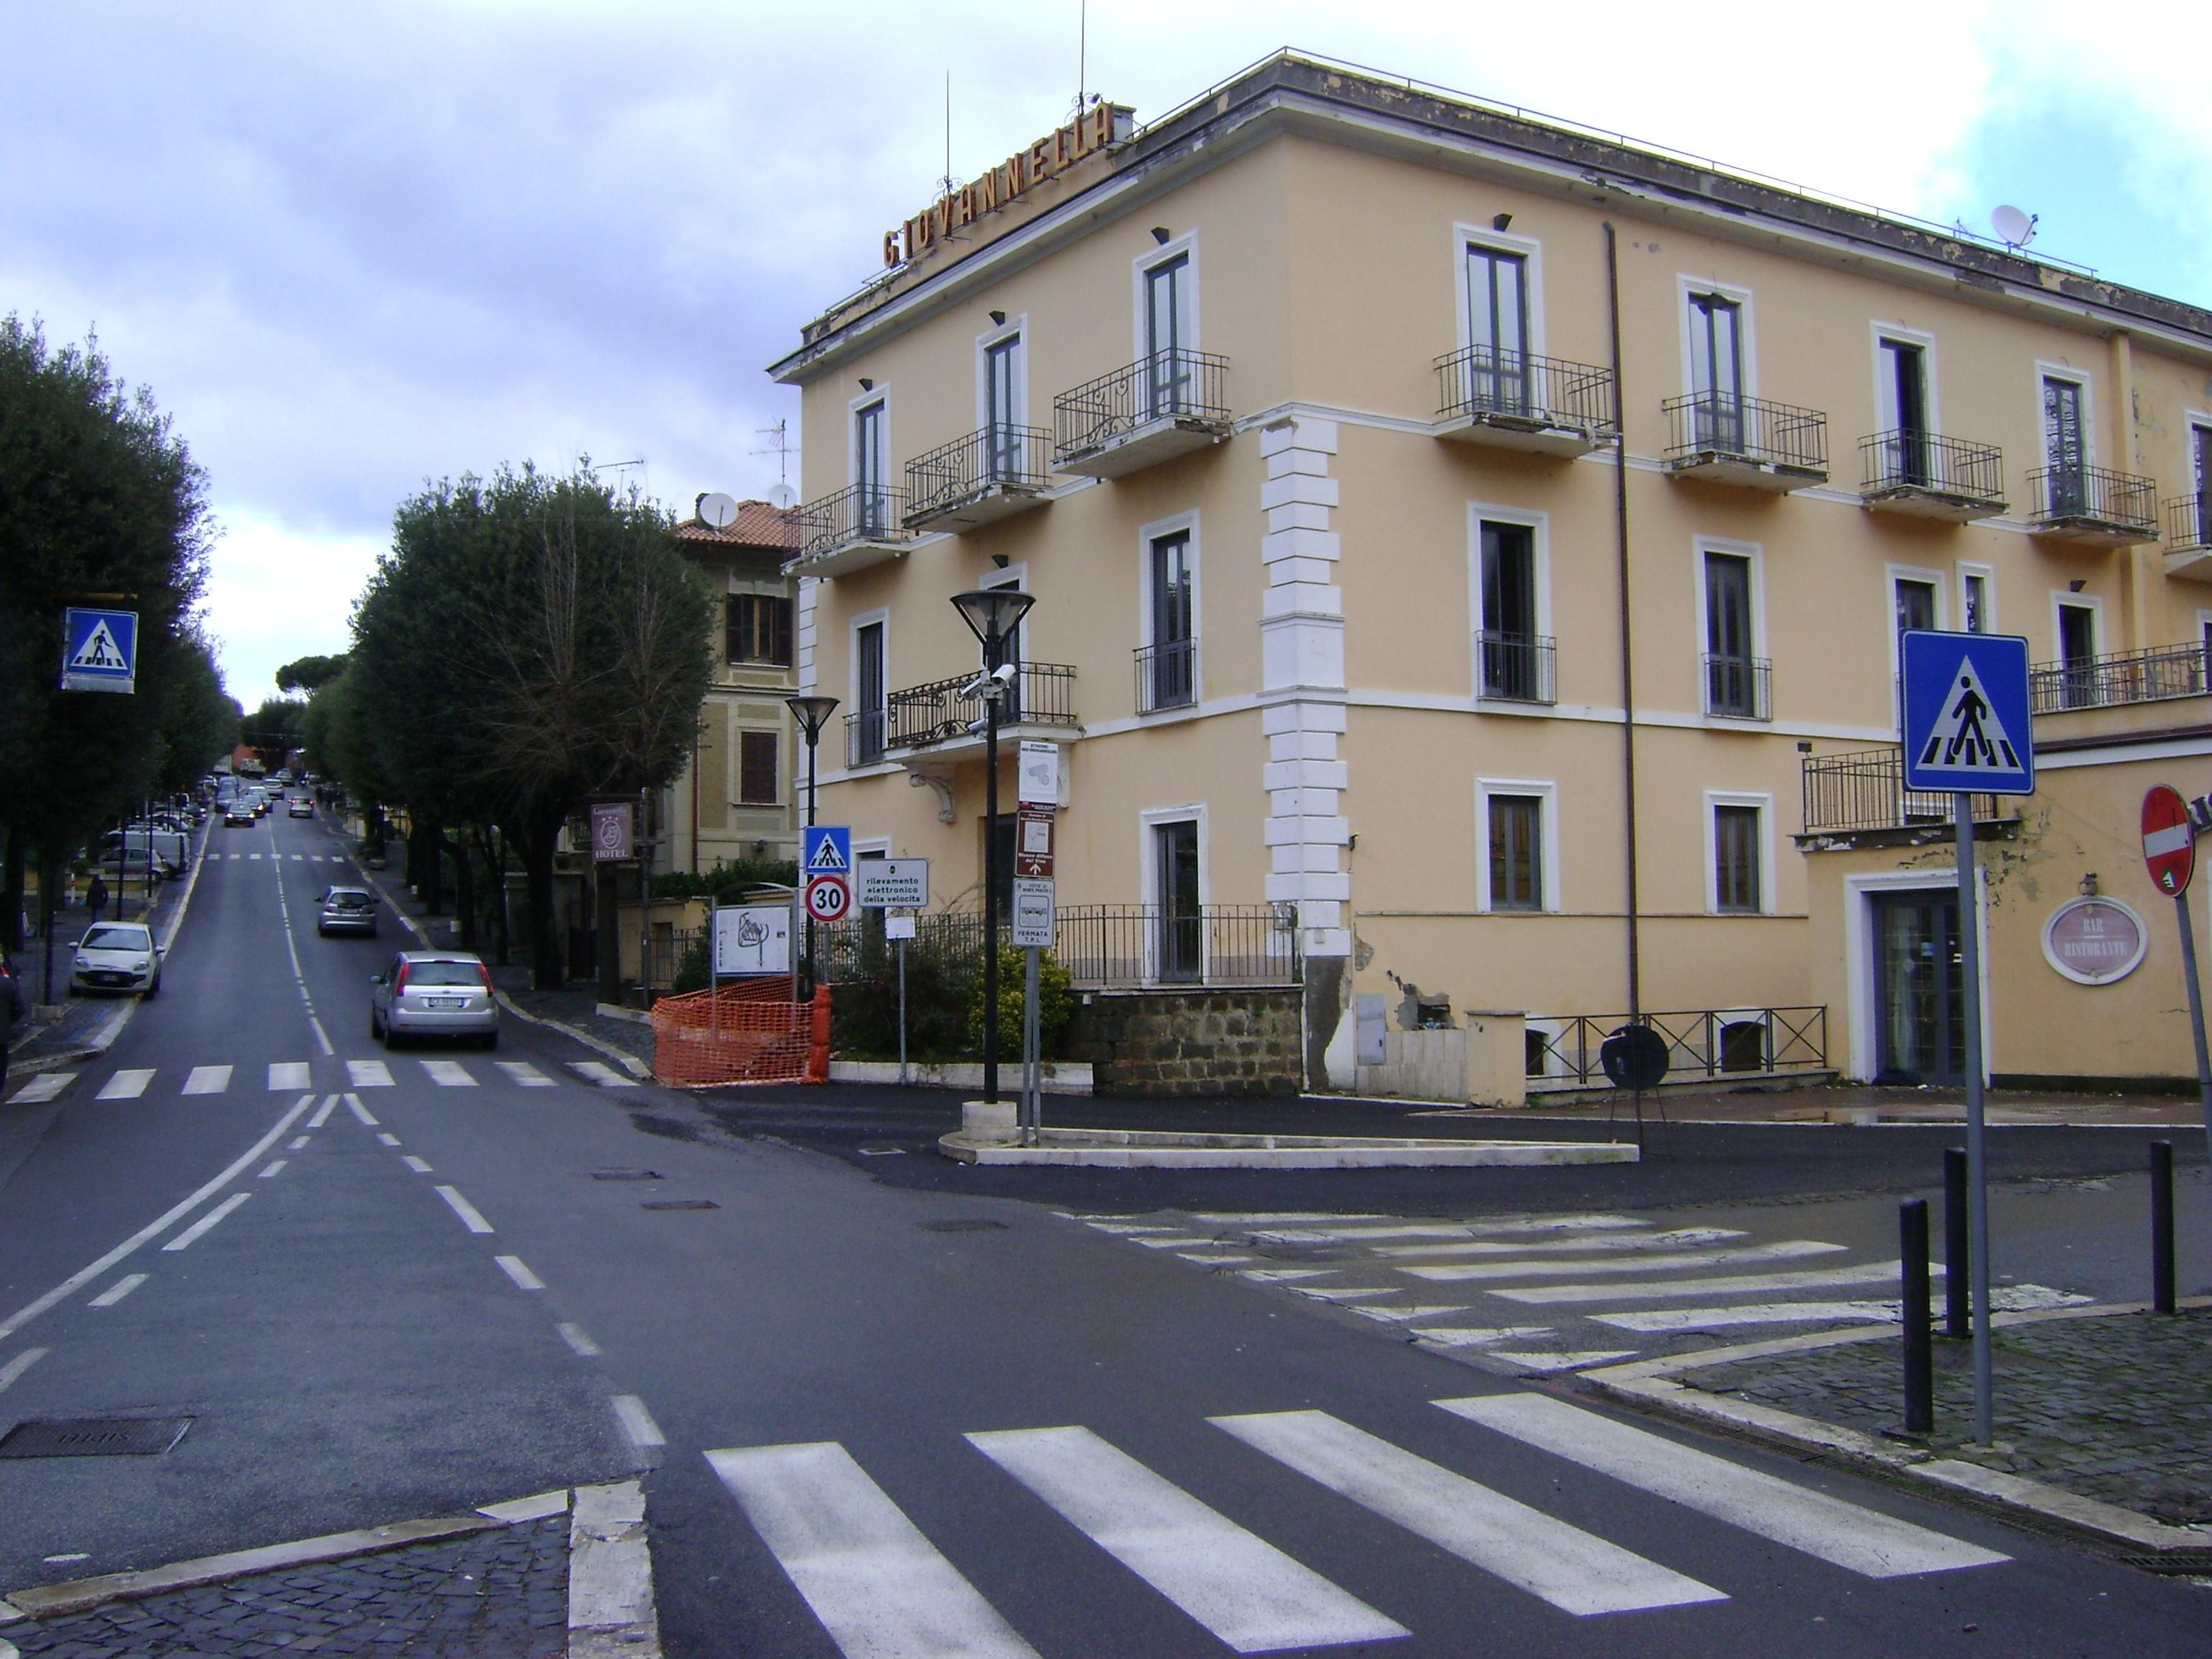 monteporzio